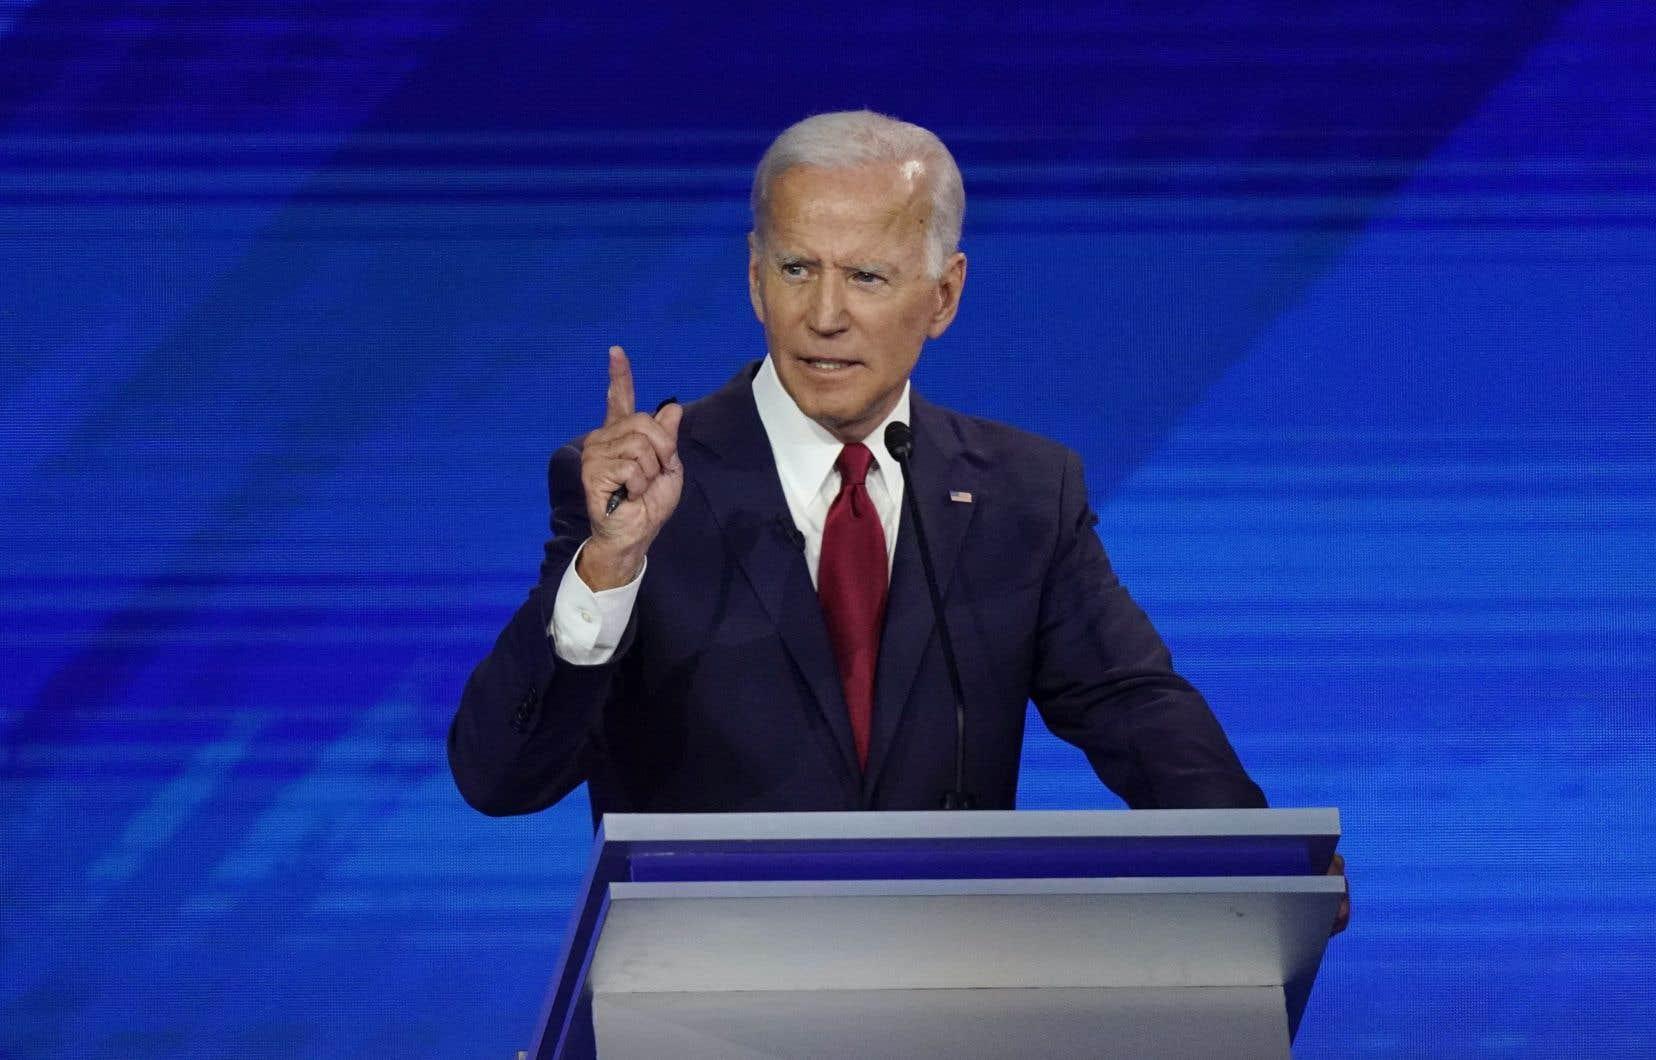 Face à ses deux rivaux bien plus à gauche dans le trio de tête, Bernie Sanders et Elizabeth Warren, Joe Biden a tenu à se présenter en candidat réaliste, soucieux de répondre aux préoccupations de la classe moyenne et des ouvriers.